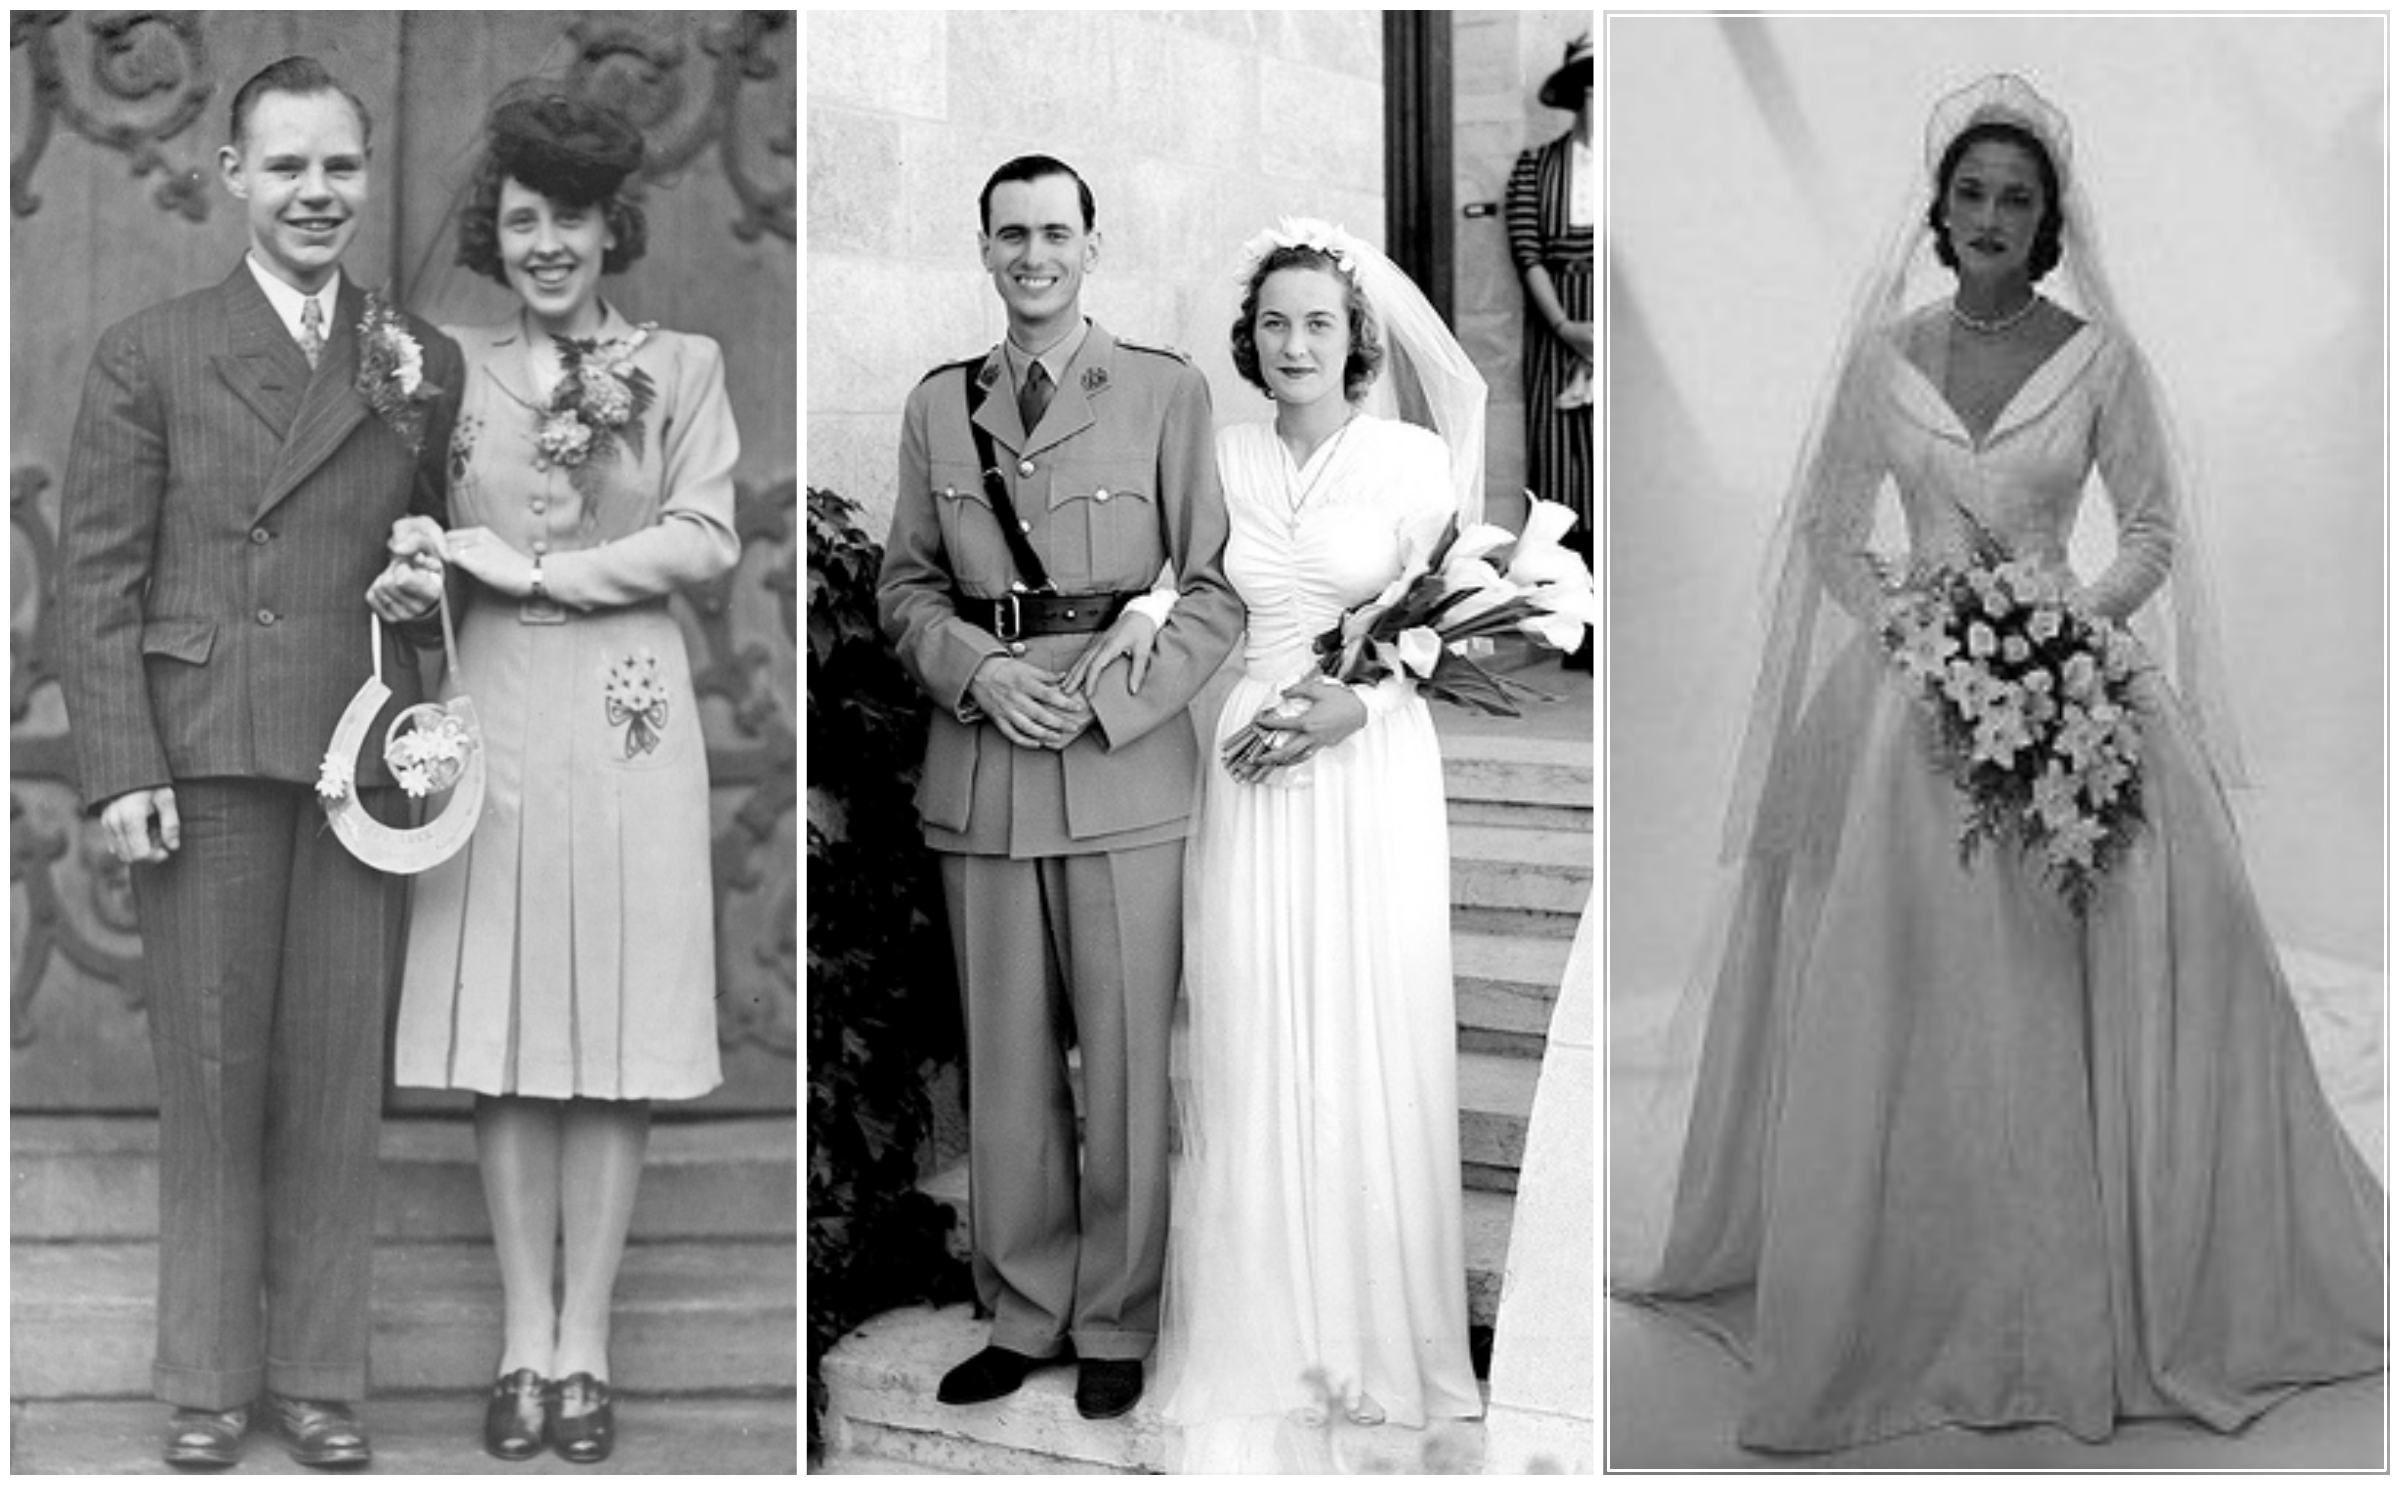 Abiti Da Cerimonia Anni 40.Abito Da Sposa Vintage Dagli Anni 20 Ai 70 Quale Epoca Scegliere